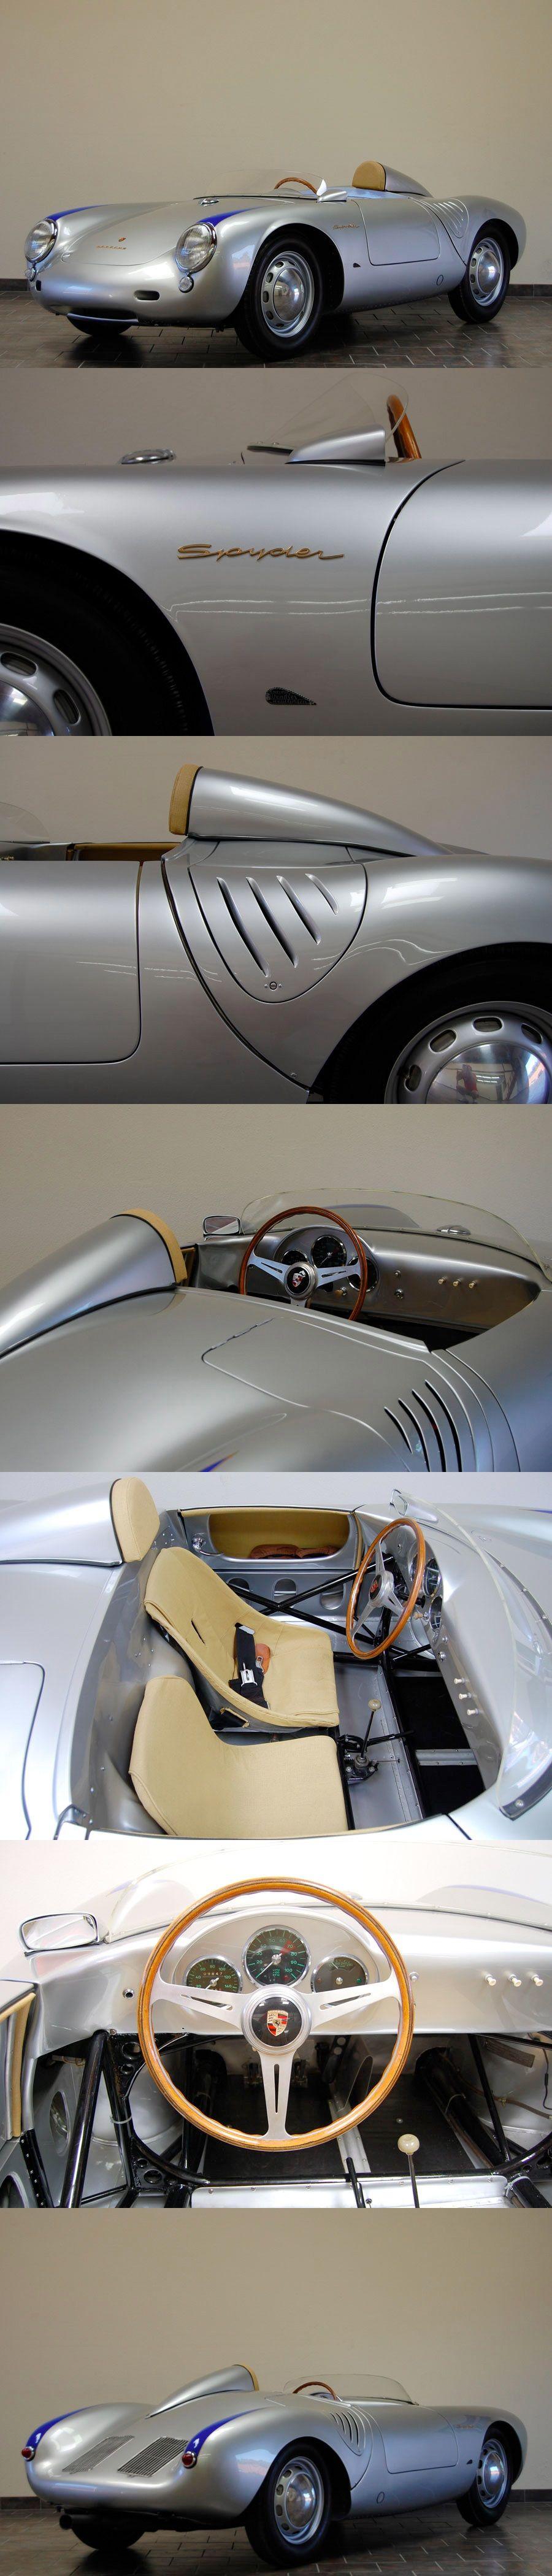 California Porsche Restoration: The Art Of Blending Craftsmanship & Technology